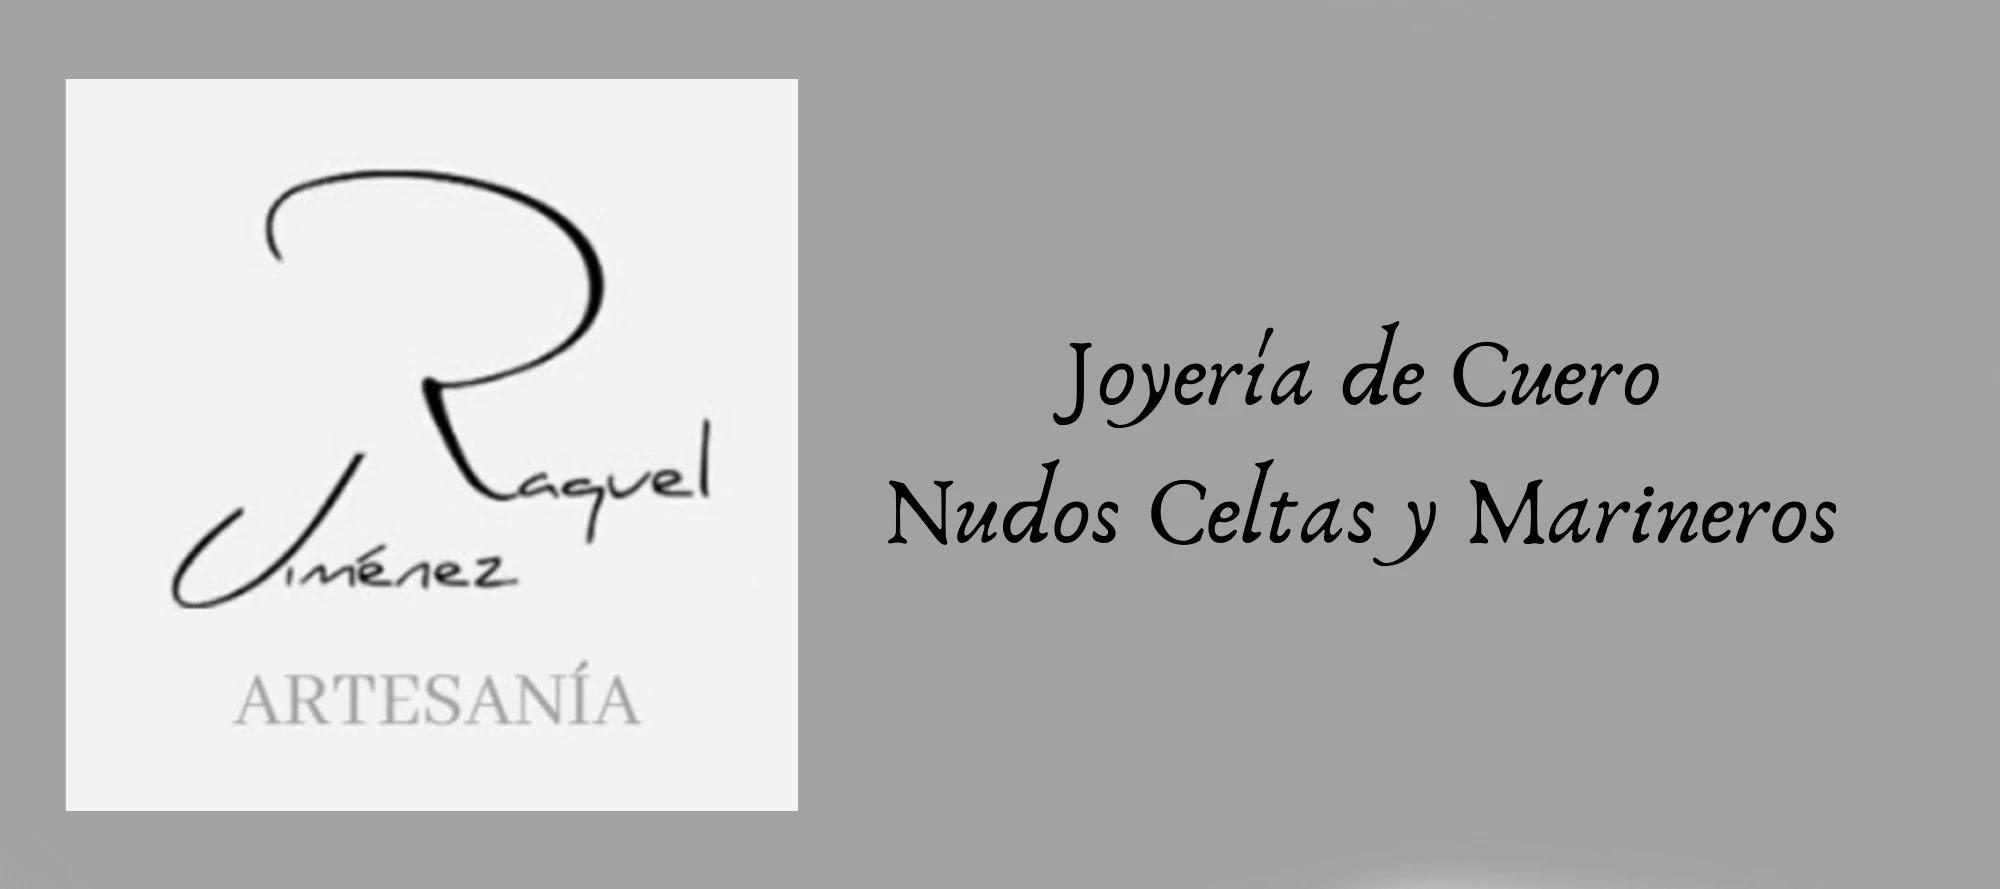 Nudos_celtas_Raquel_Jimenez_Artesania